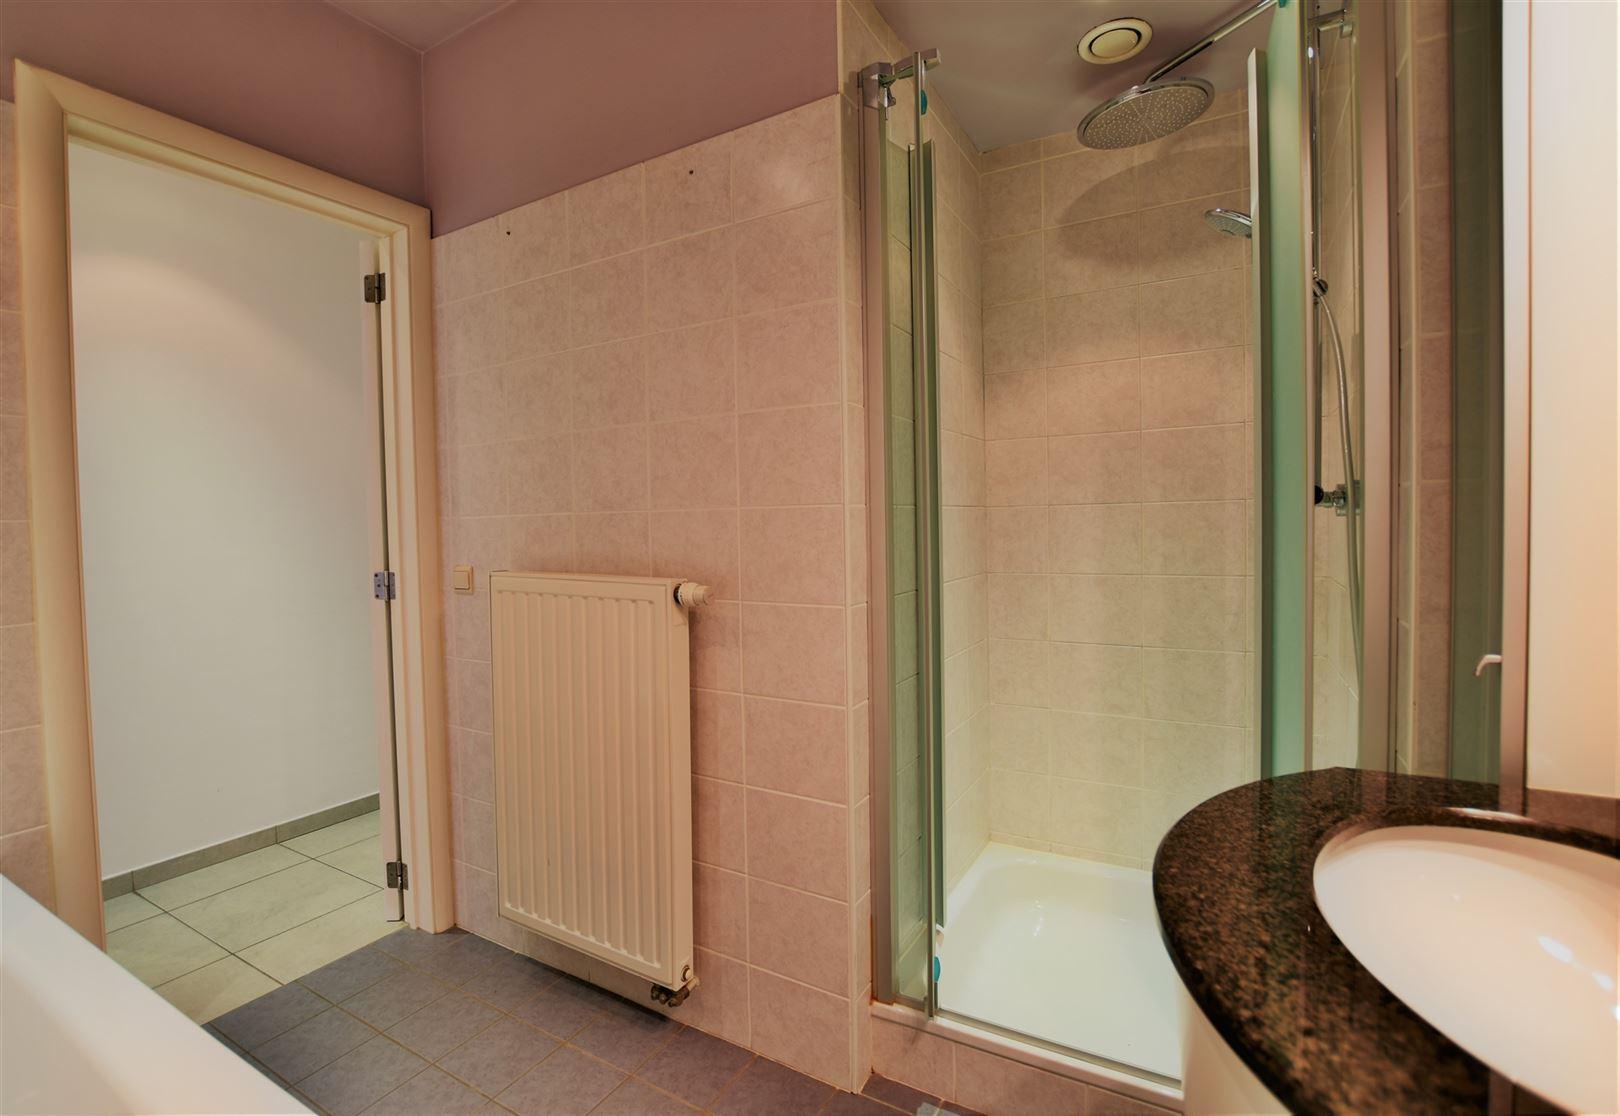 Foto 18 : Appartement te 8400 OOSTENDE (België) - Prijs € 299.000